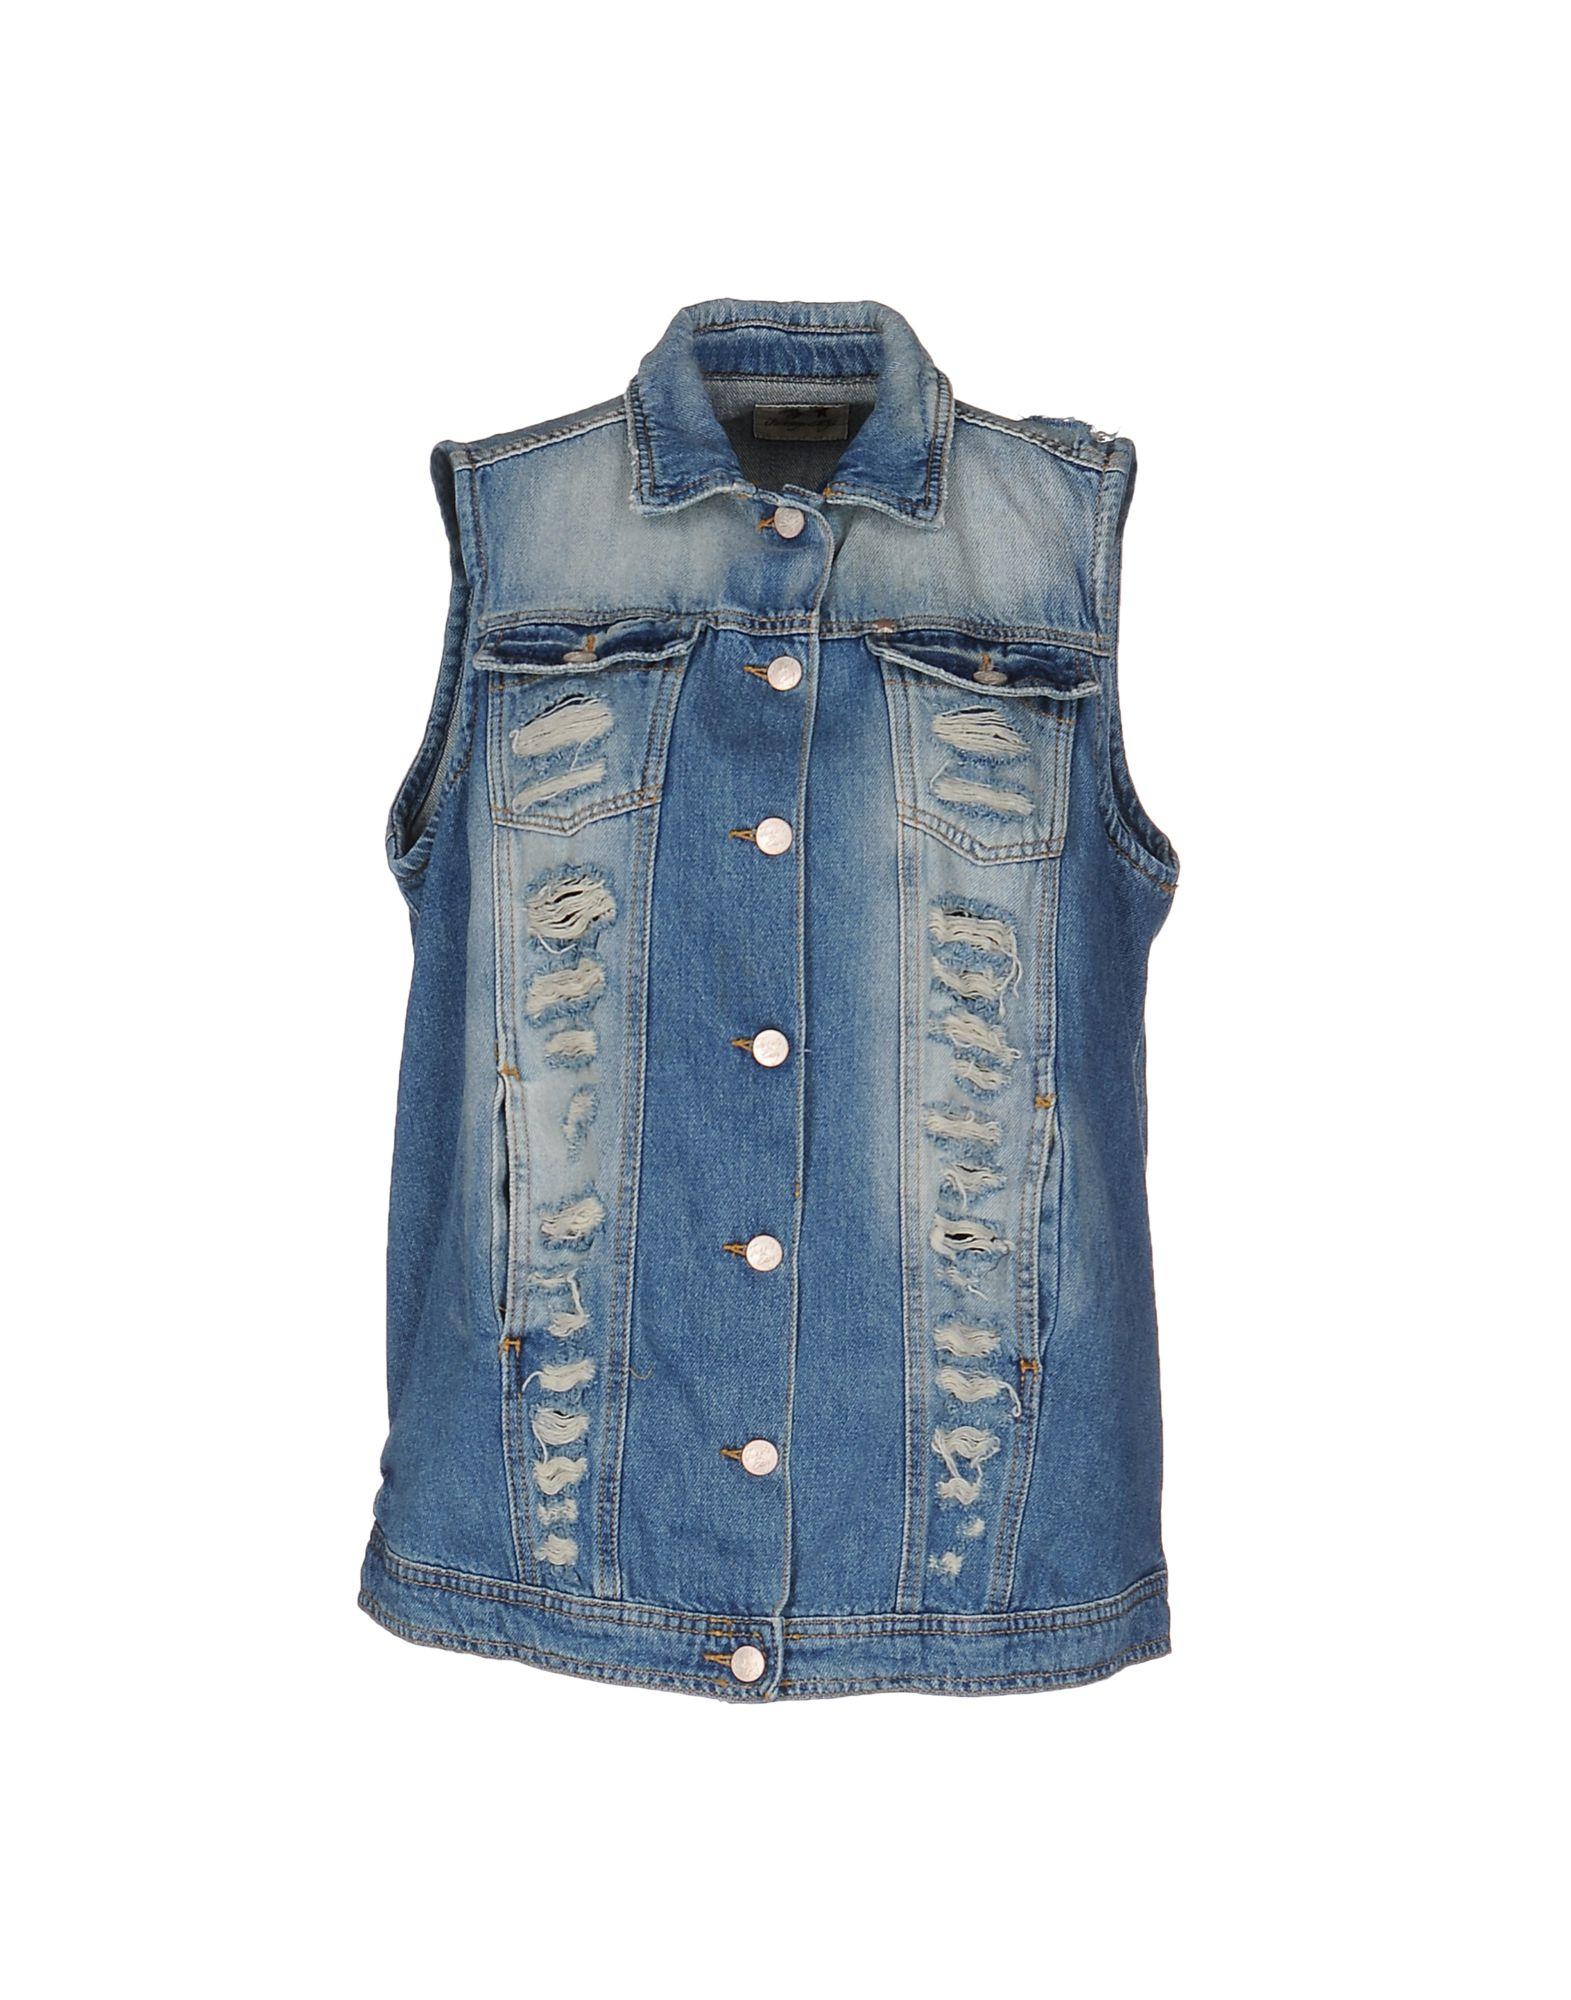 купить TWENTY EASY by KAOS Джинсовая верхняя одежда по цене 1750 рублей